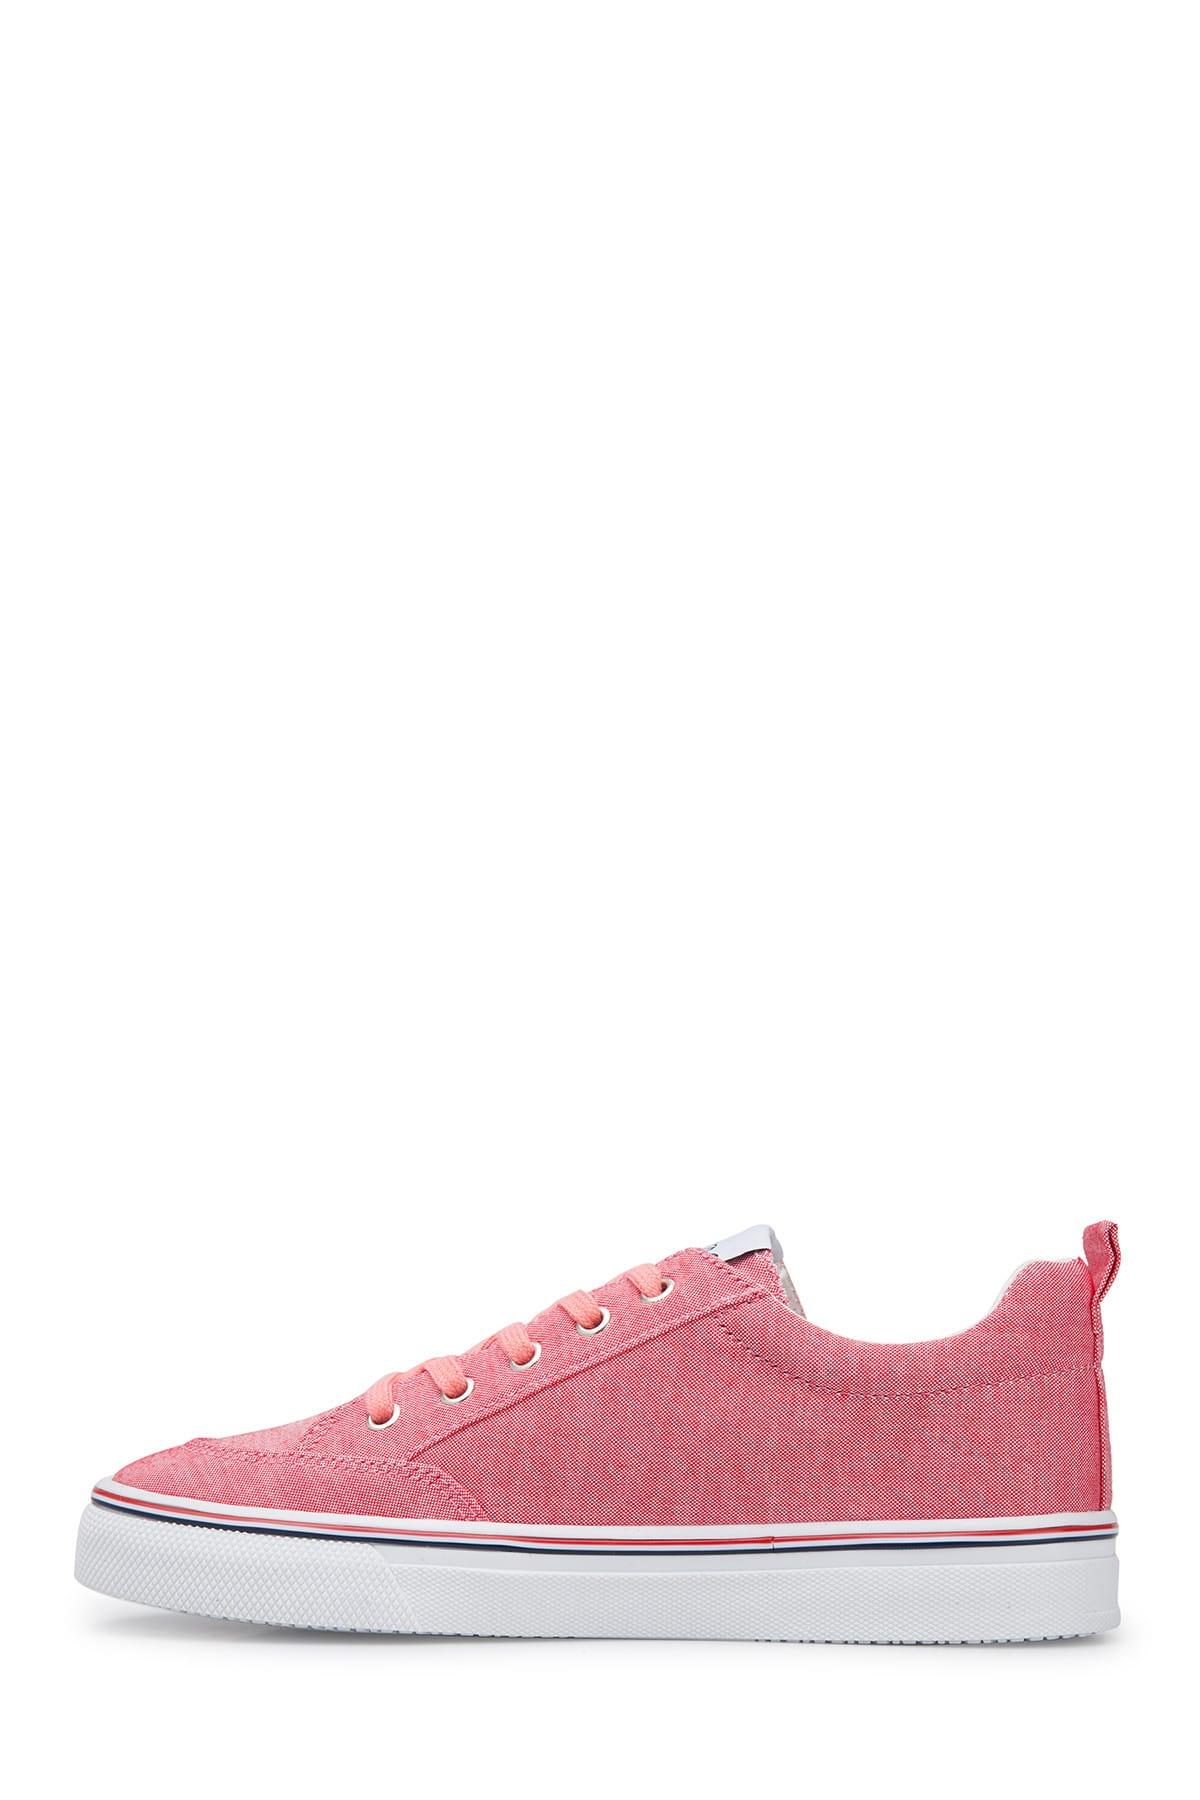 U.S. Polo Assn. Pembe Kadın Ayakkabı CAROL 2